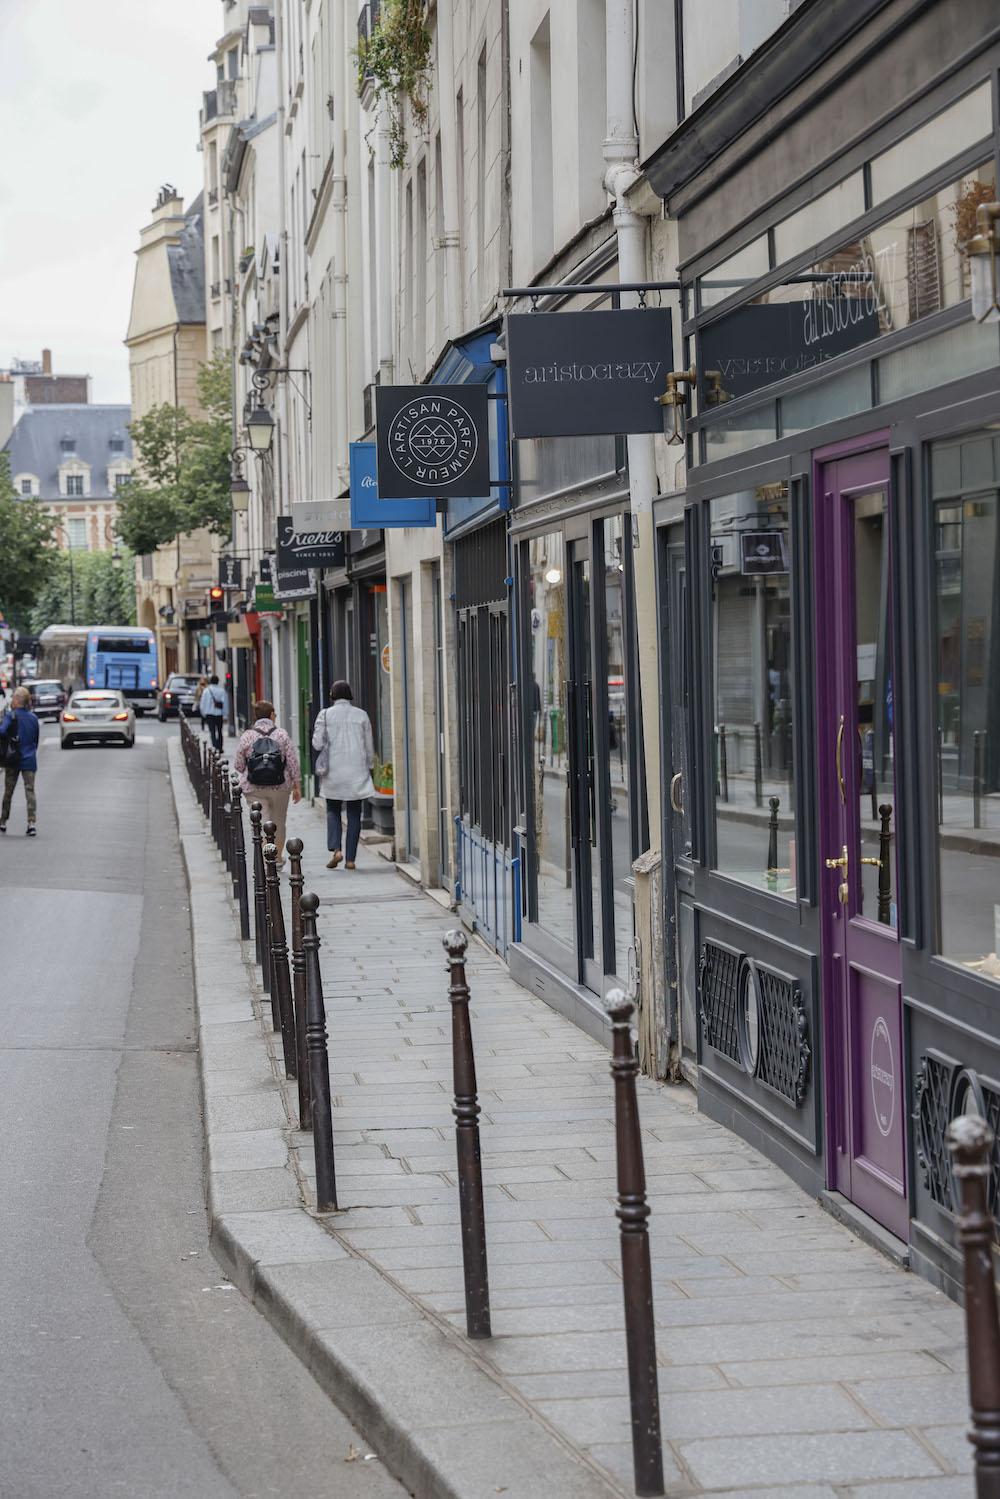 Rue commercante, Scoopitone, Label Images, Paris, Boutiques, France, Loïc Baratoux, FFEF, Phototheque CDNA. Photo: Loïc Baratoux/Label Images